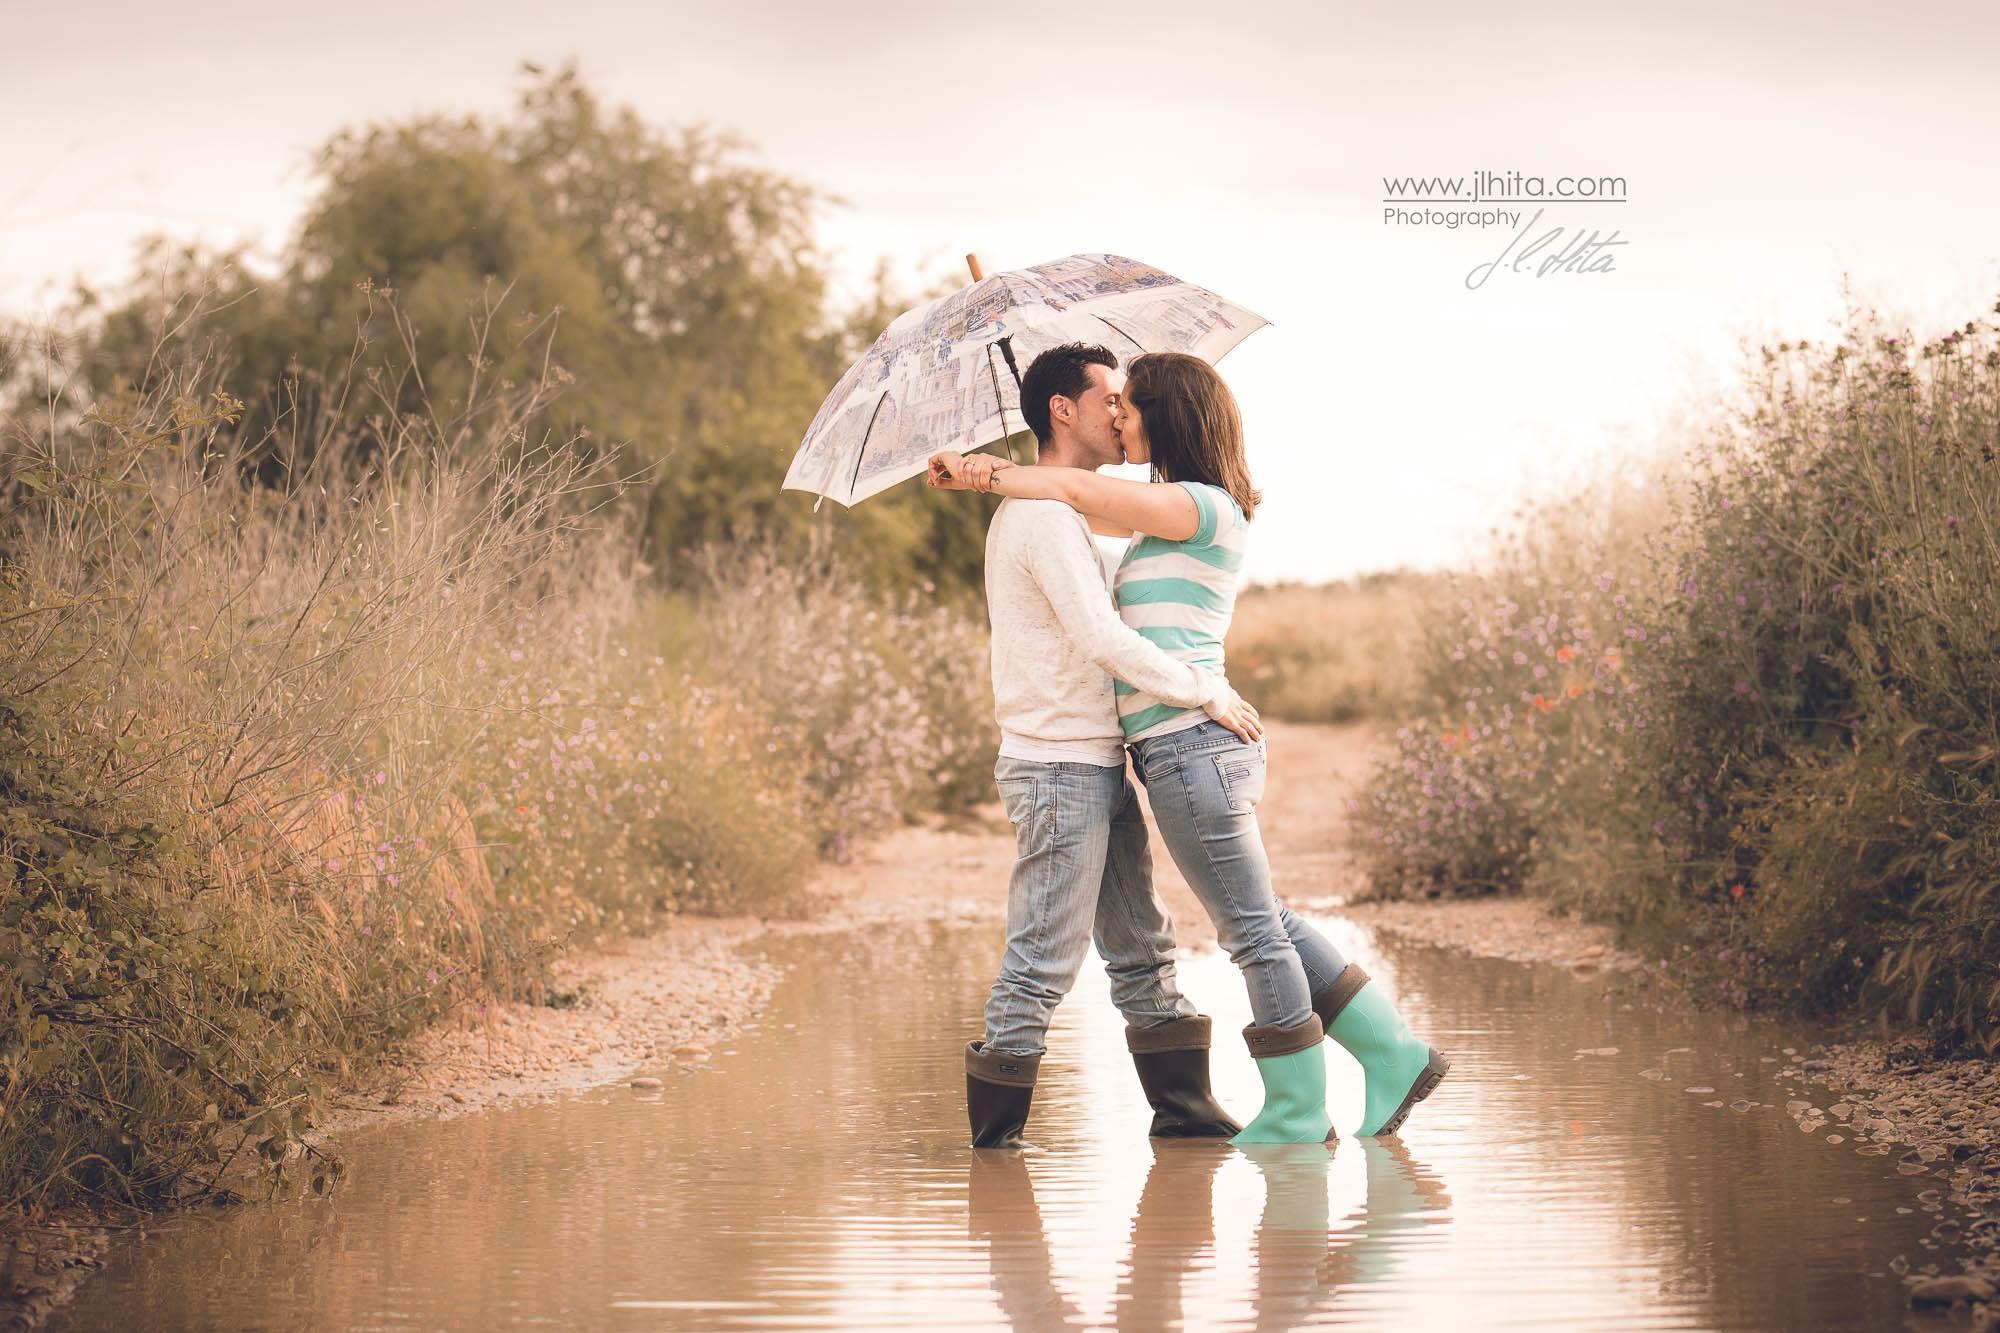 Preboda con lluvia